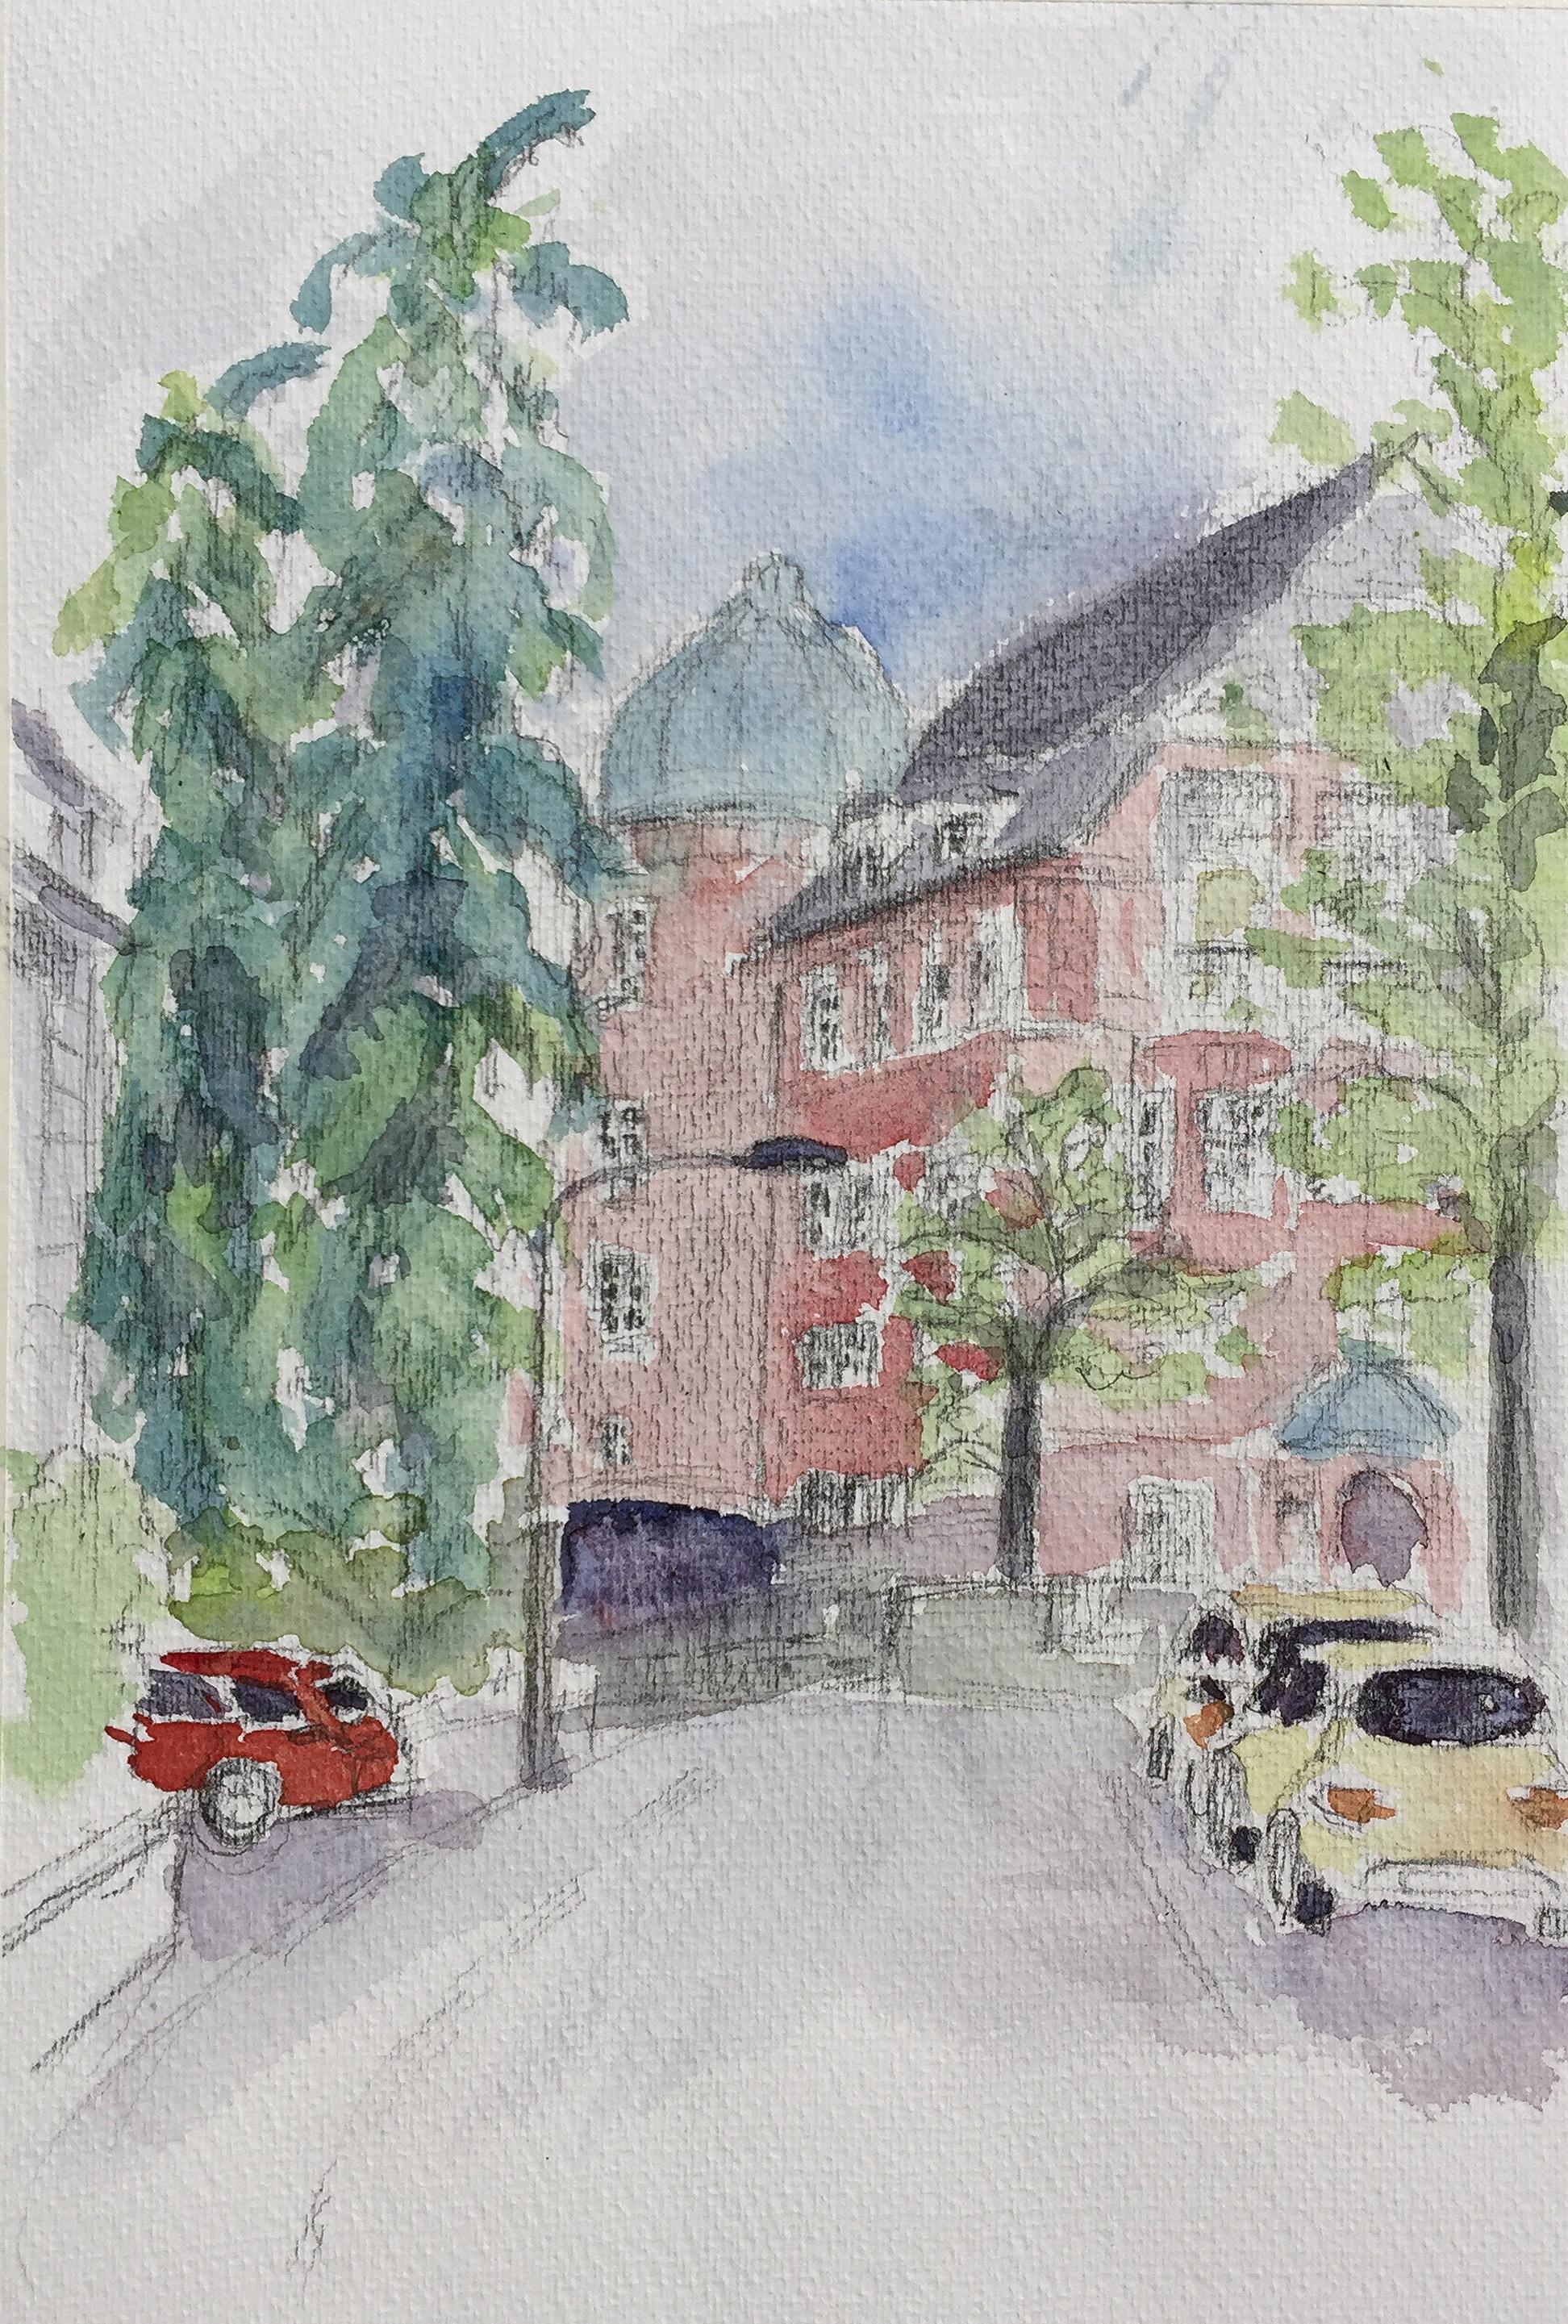 Esthi Birchmeier_Röslistrasse_Aquarell_5.5.18_Urban Sketching_Astrid Amadeo_Zeichnen in Zürich